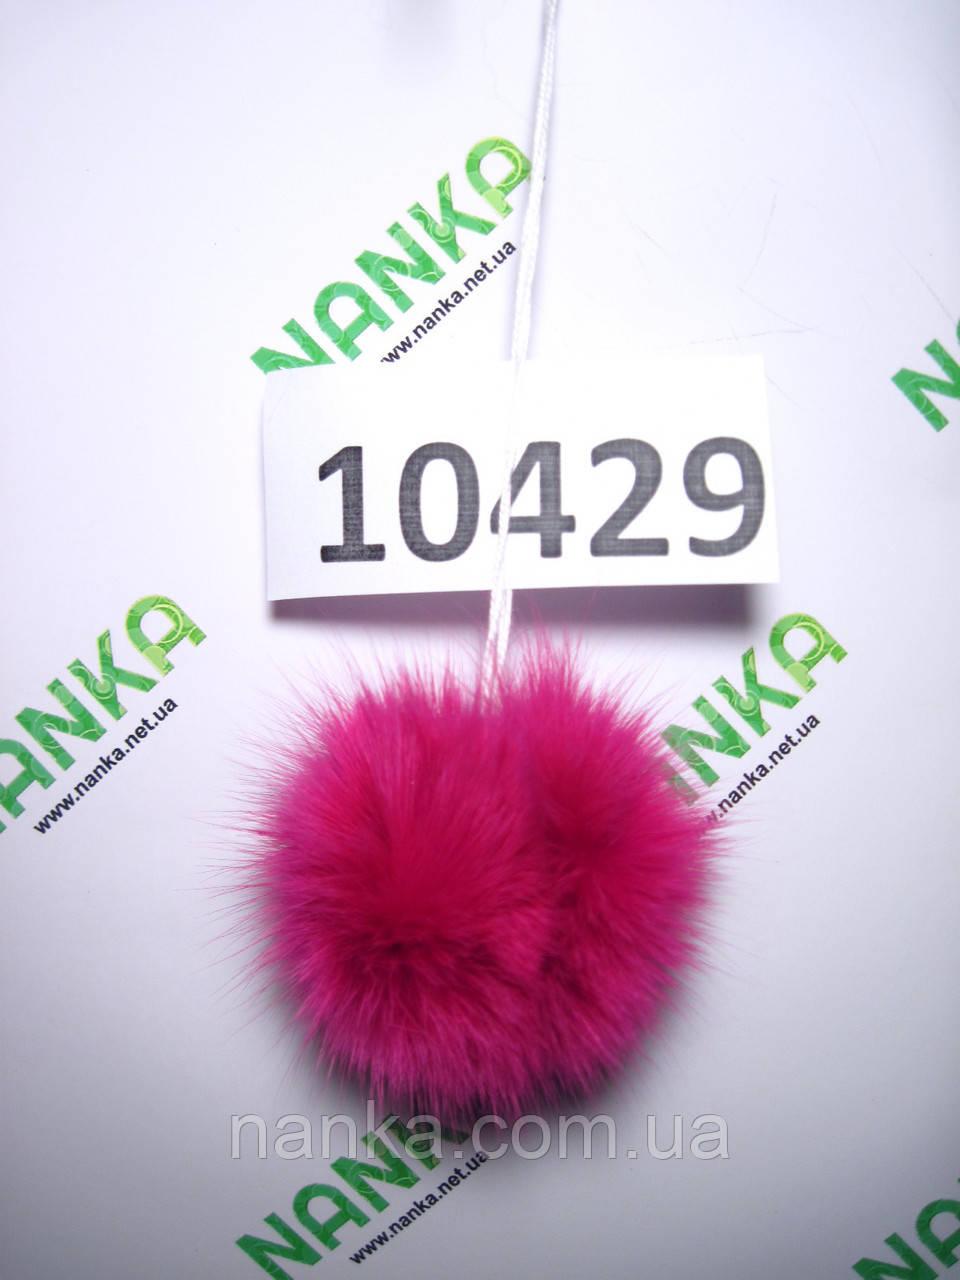 Меховой помпон Песец, Малина, 6 см, 10429